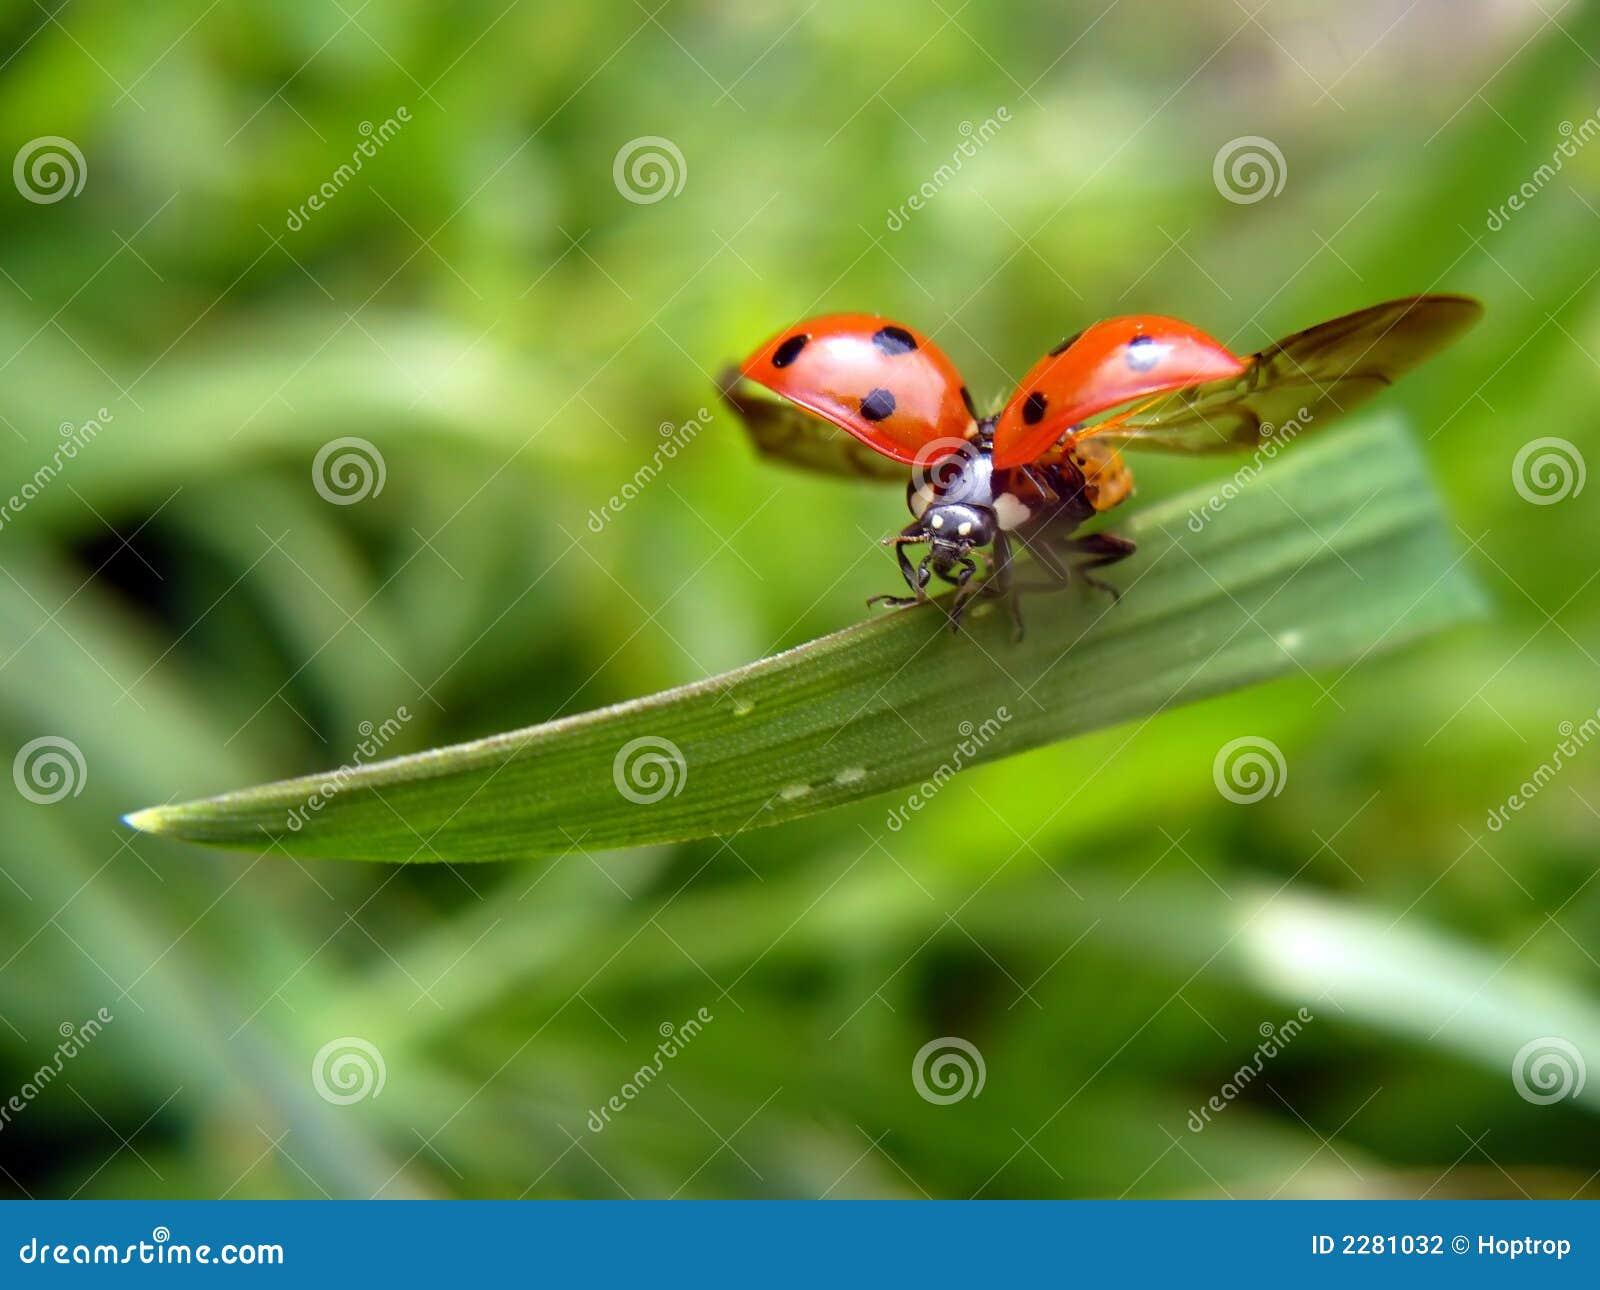 Flying ladybird